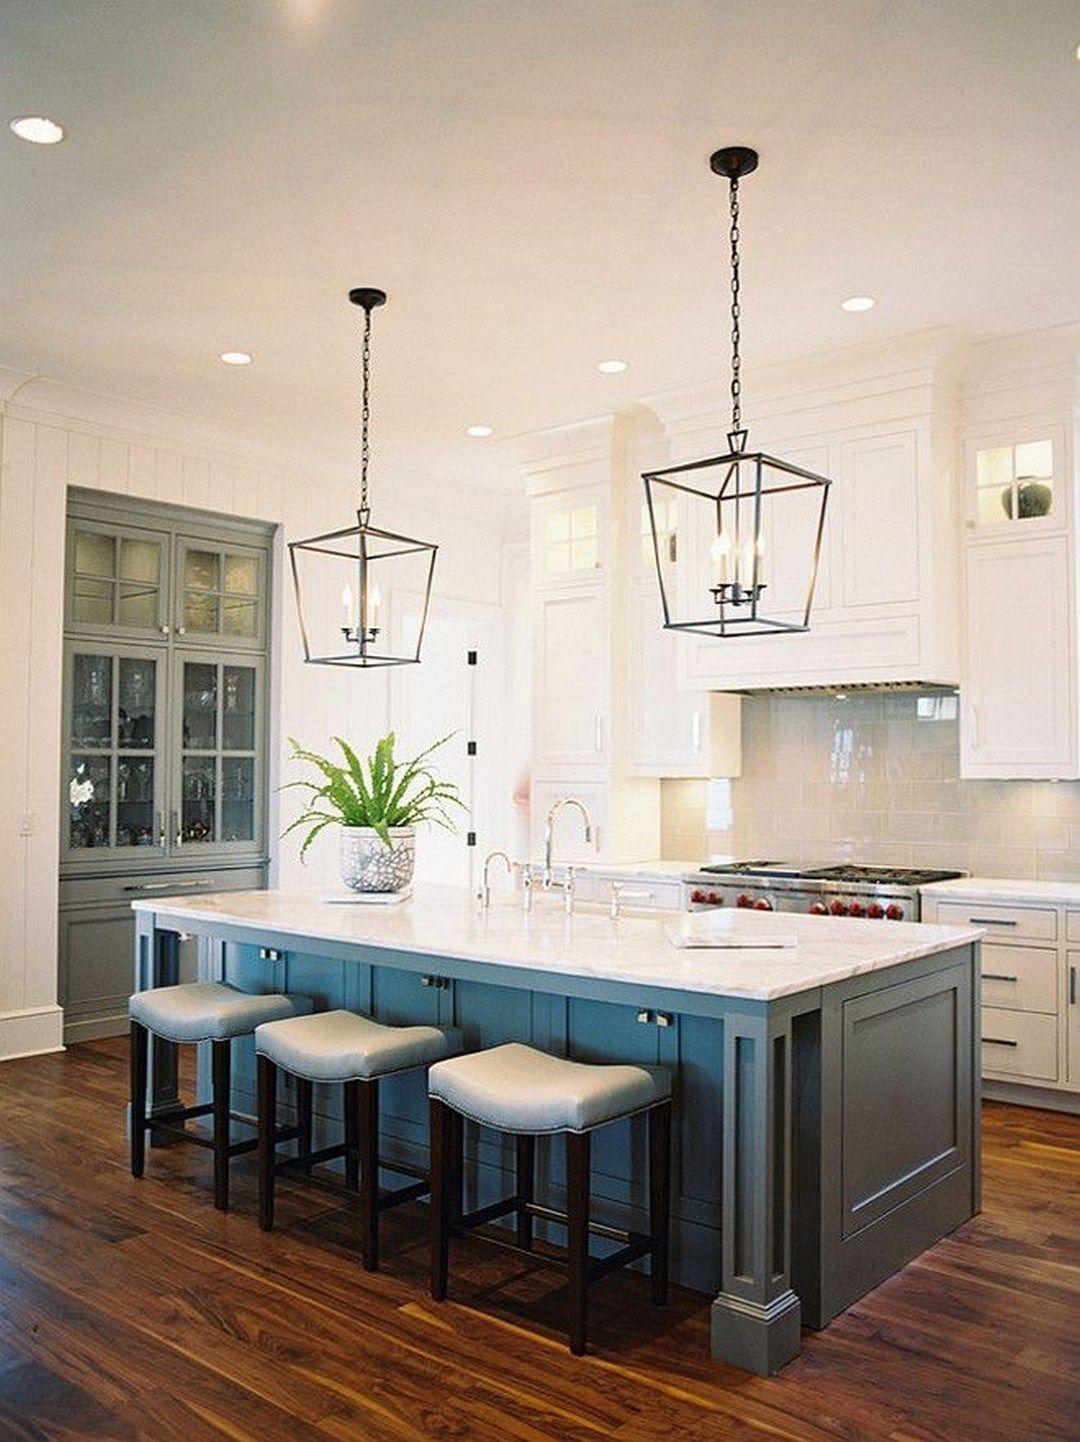 Best Kitchen Island Design Ideas (17)